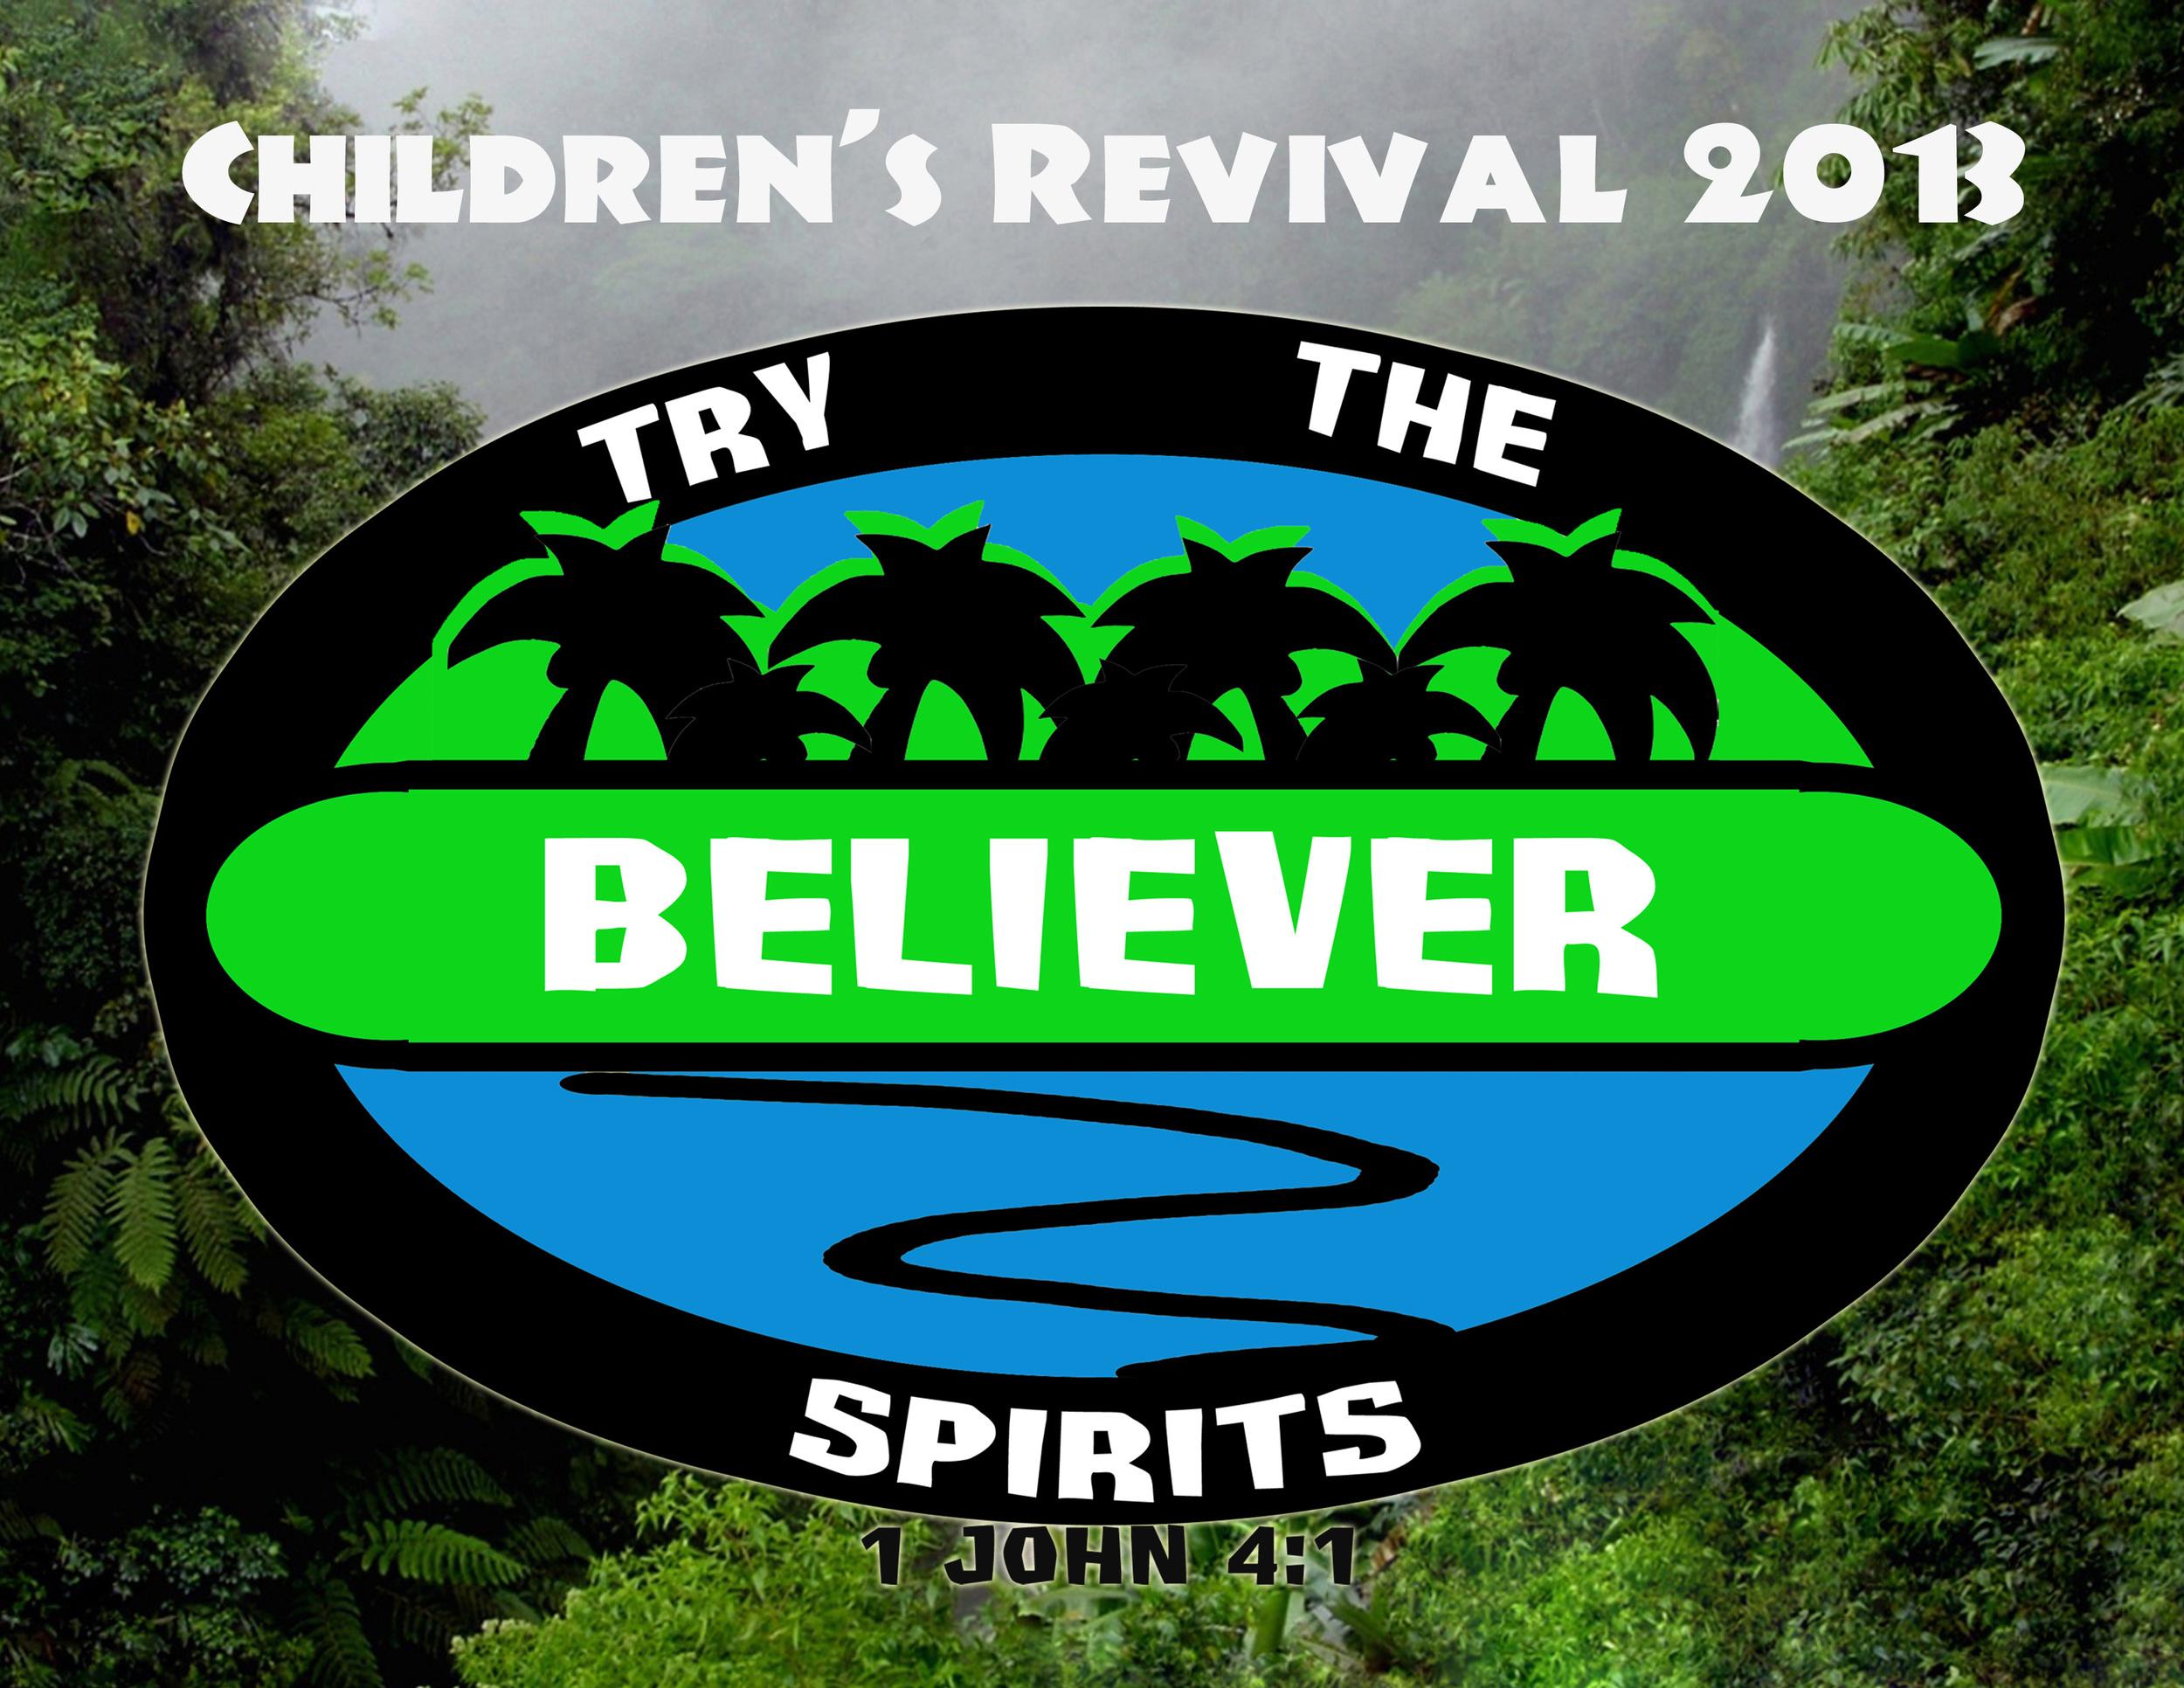 believer logo.jpg